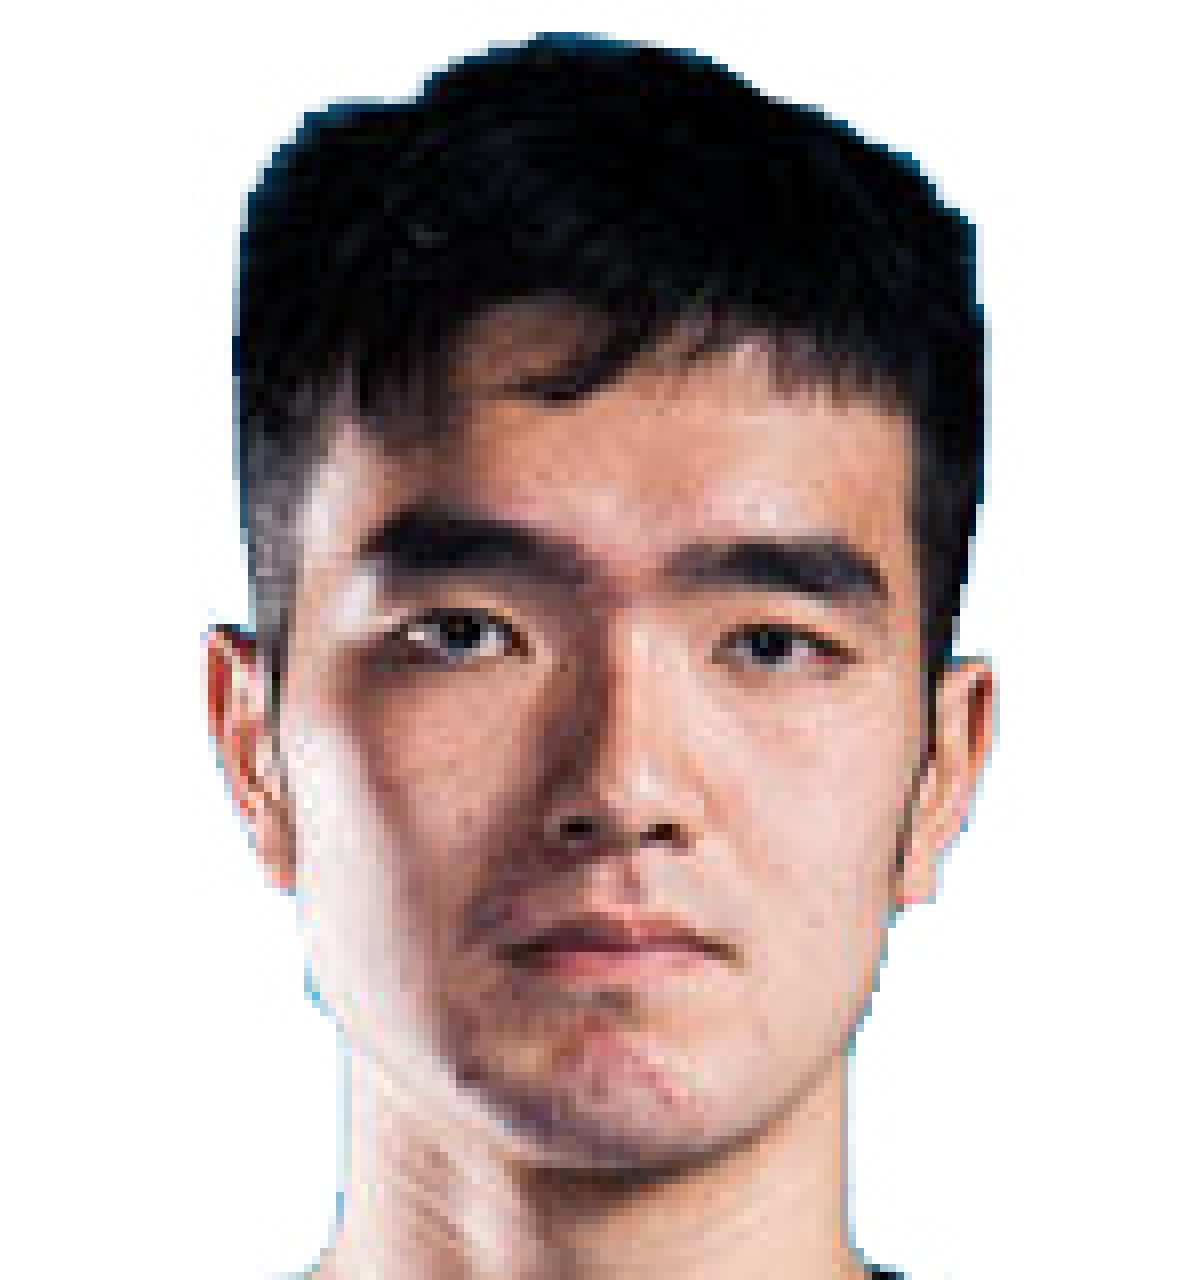 Minghao Zhang